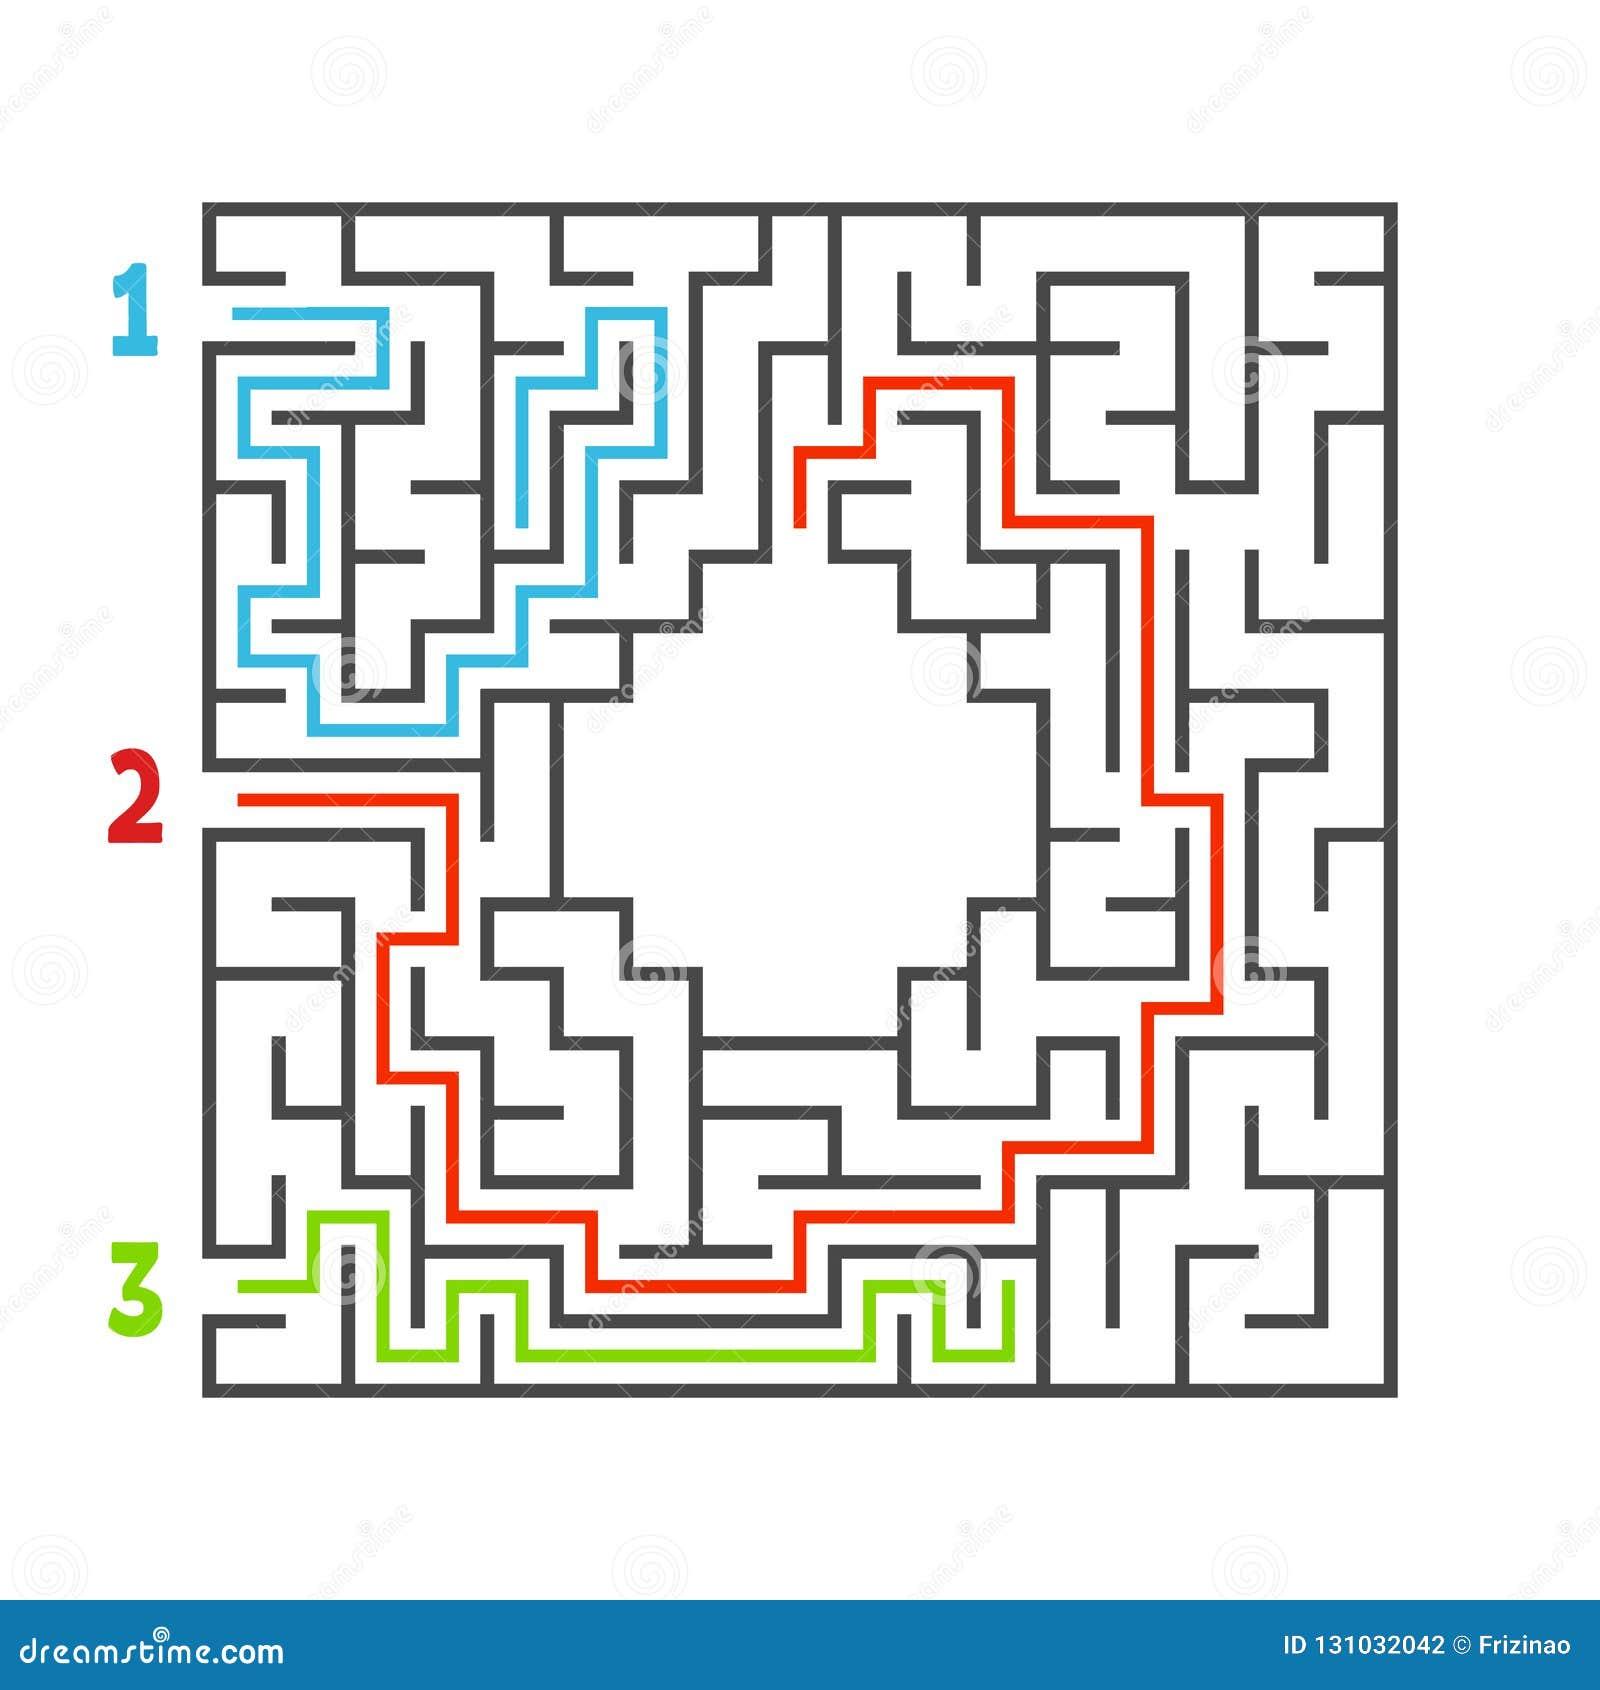 Abstraktes quadratisches Labyrinth Spiel für Kinder Puzzlespiel für Kinder Drei Eingang, ein Ausgang Labyrinthvexierfrage Flache